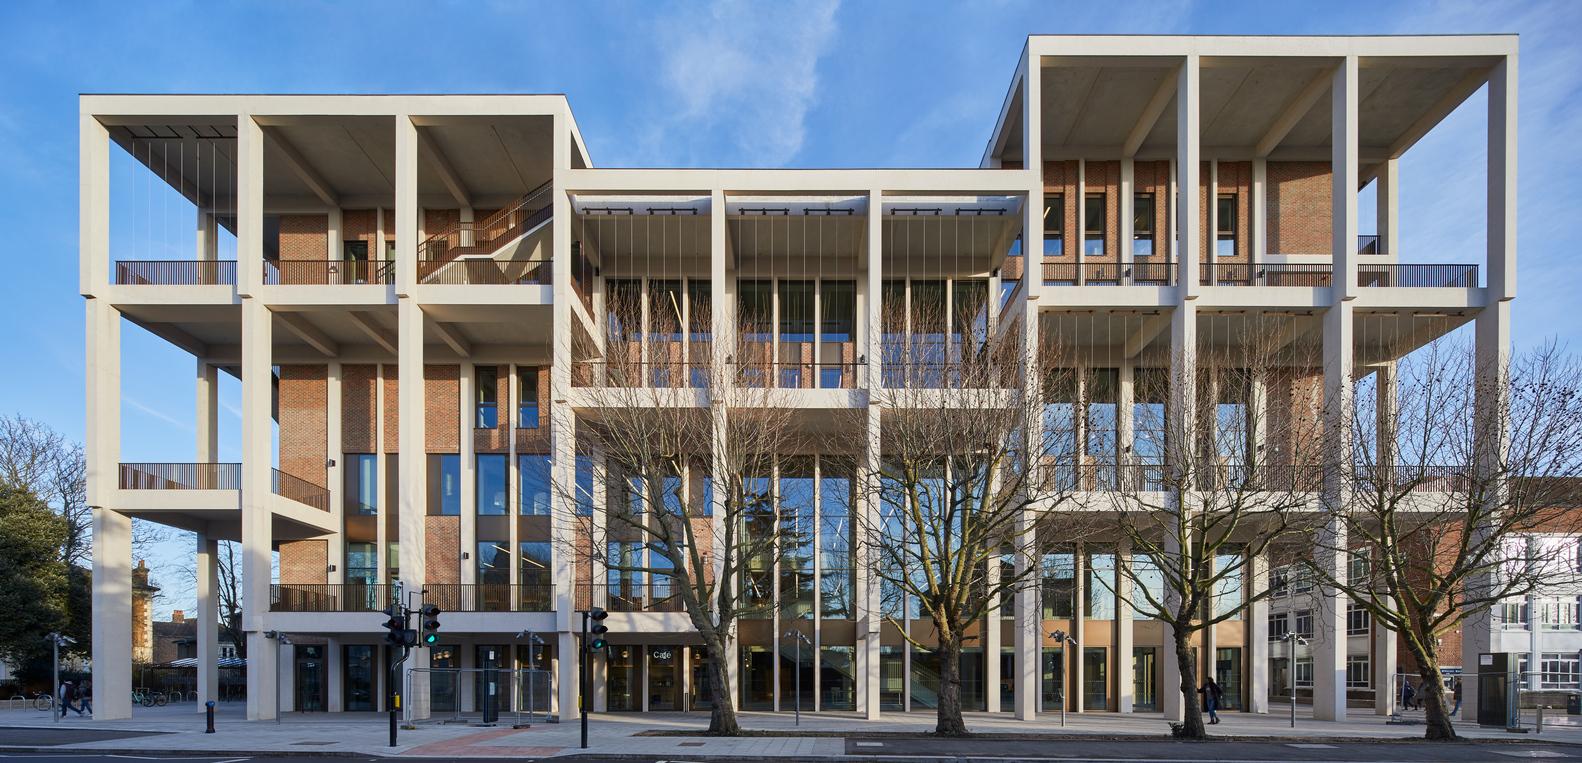 Resultado de imagen para grafton architects Escuela Superior de Minas paris